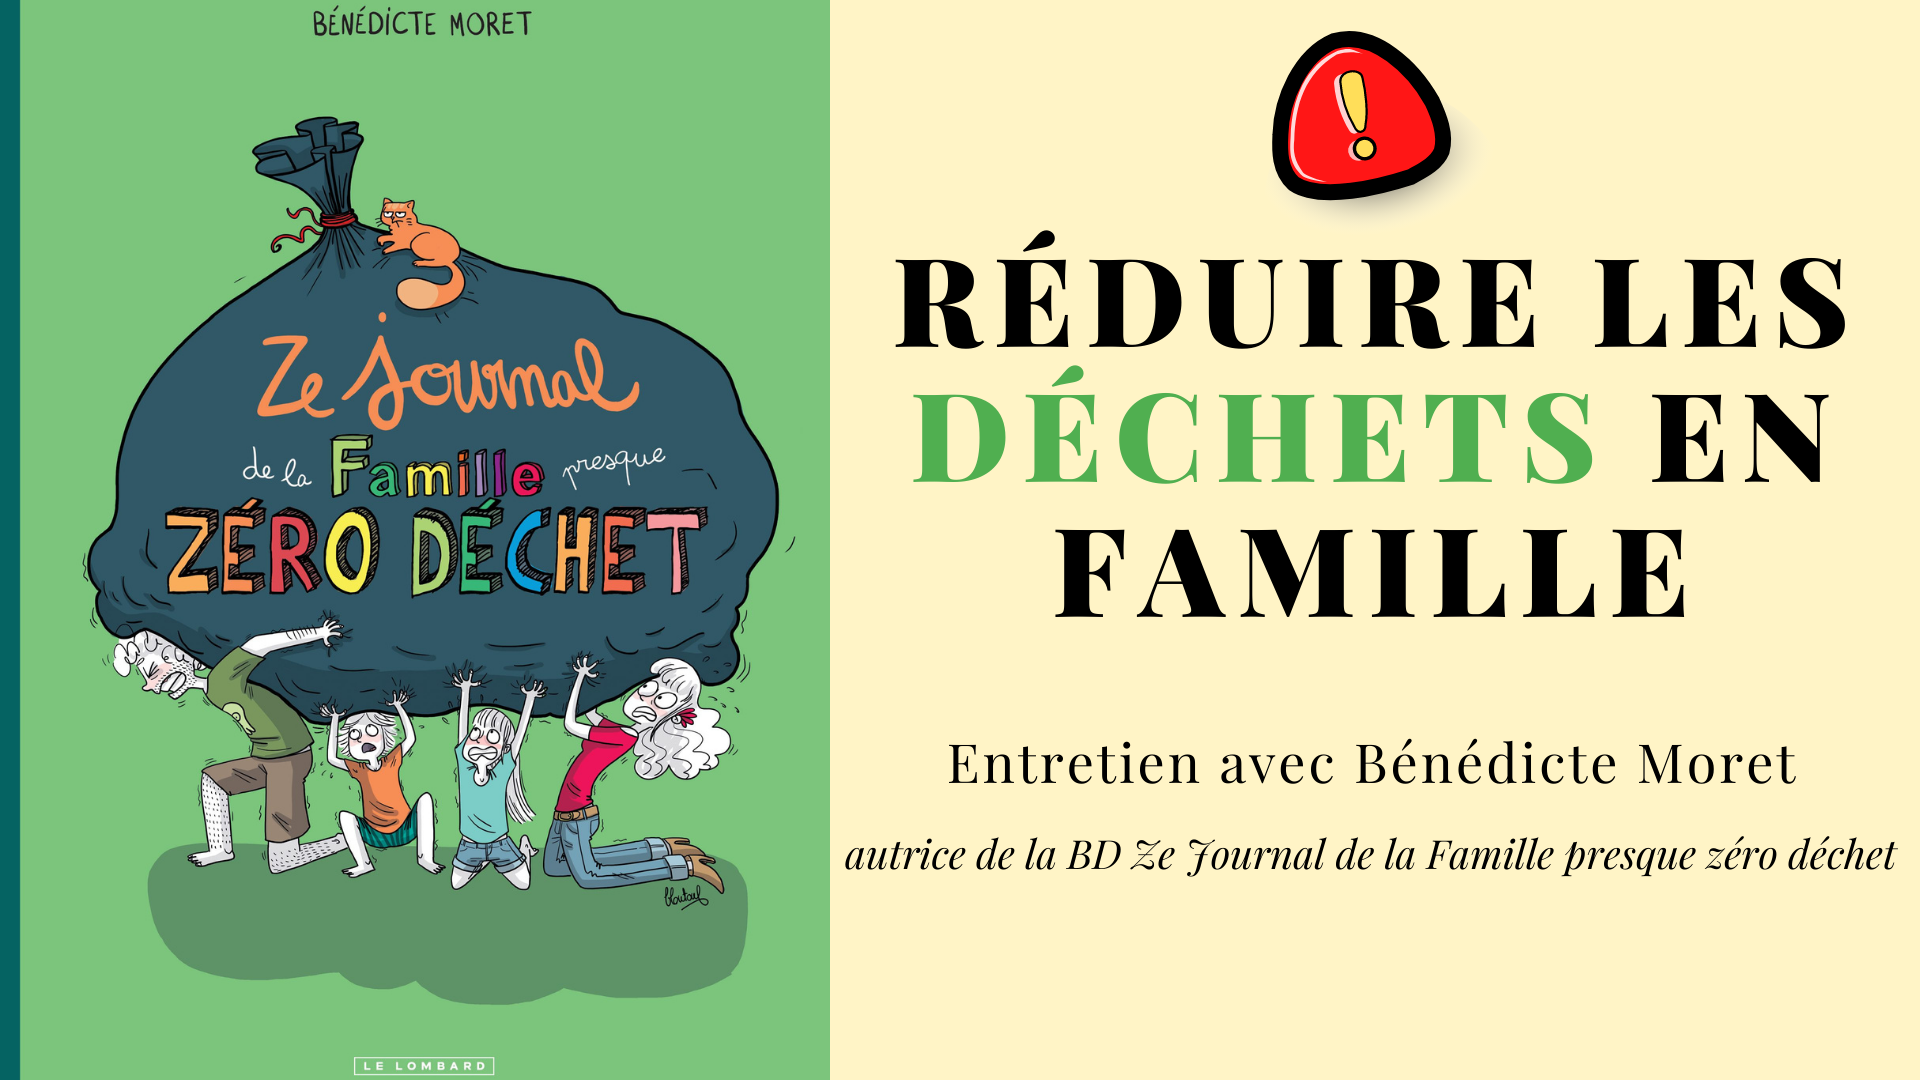 Journal de la Famille presque zéro déchet